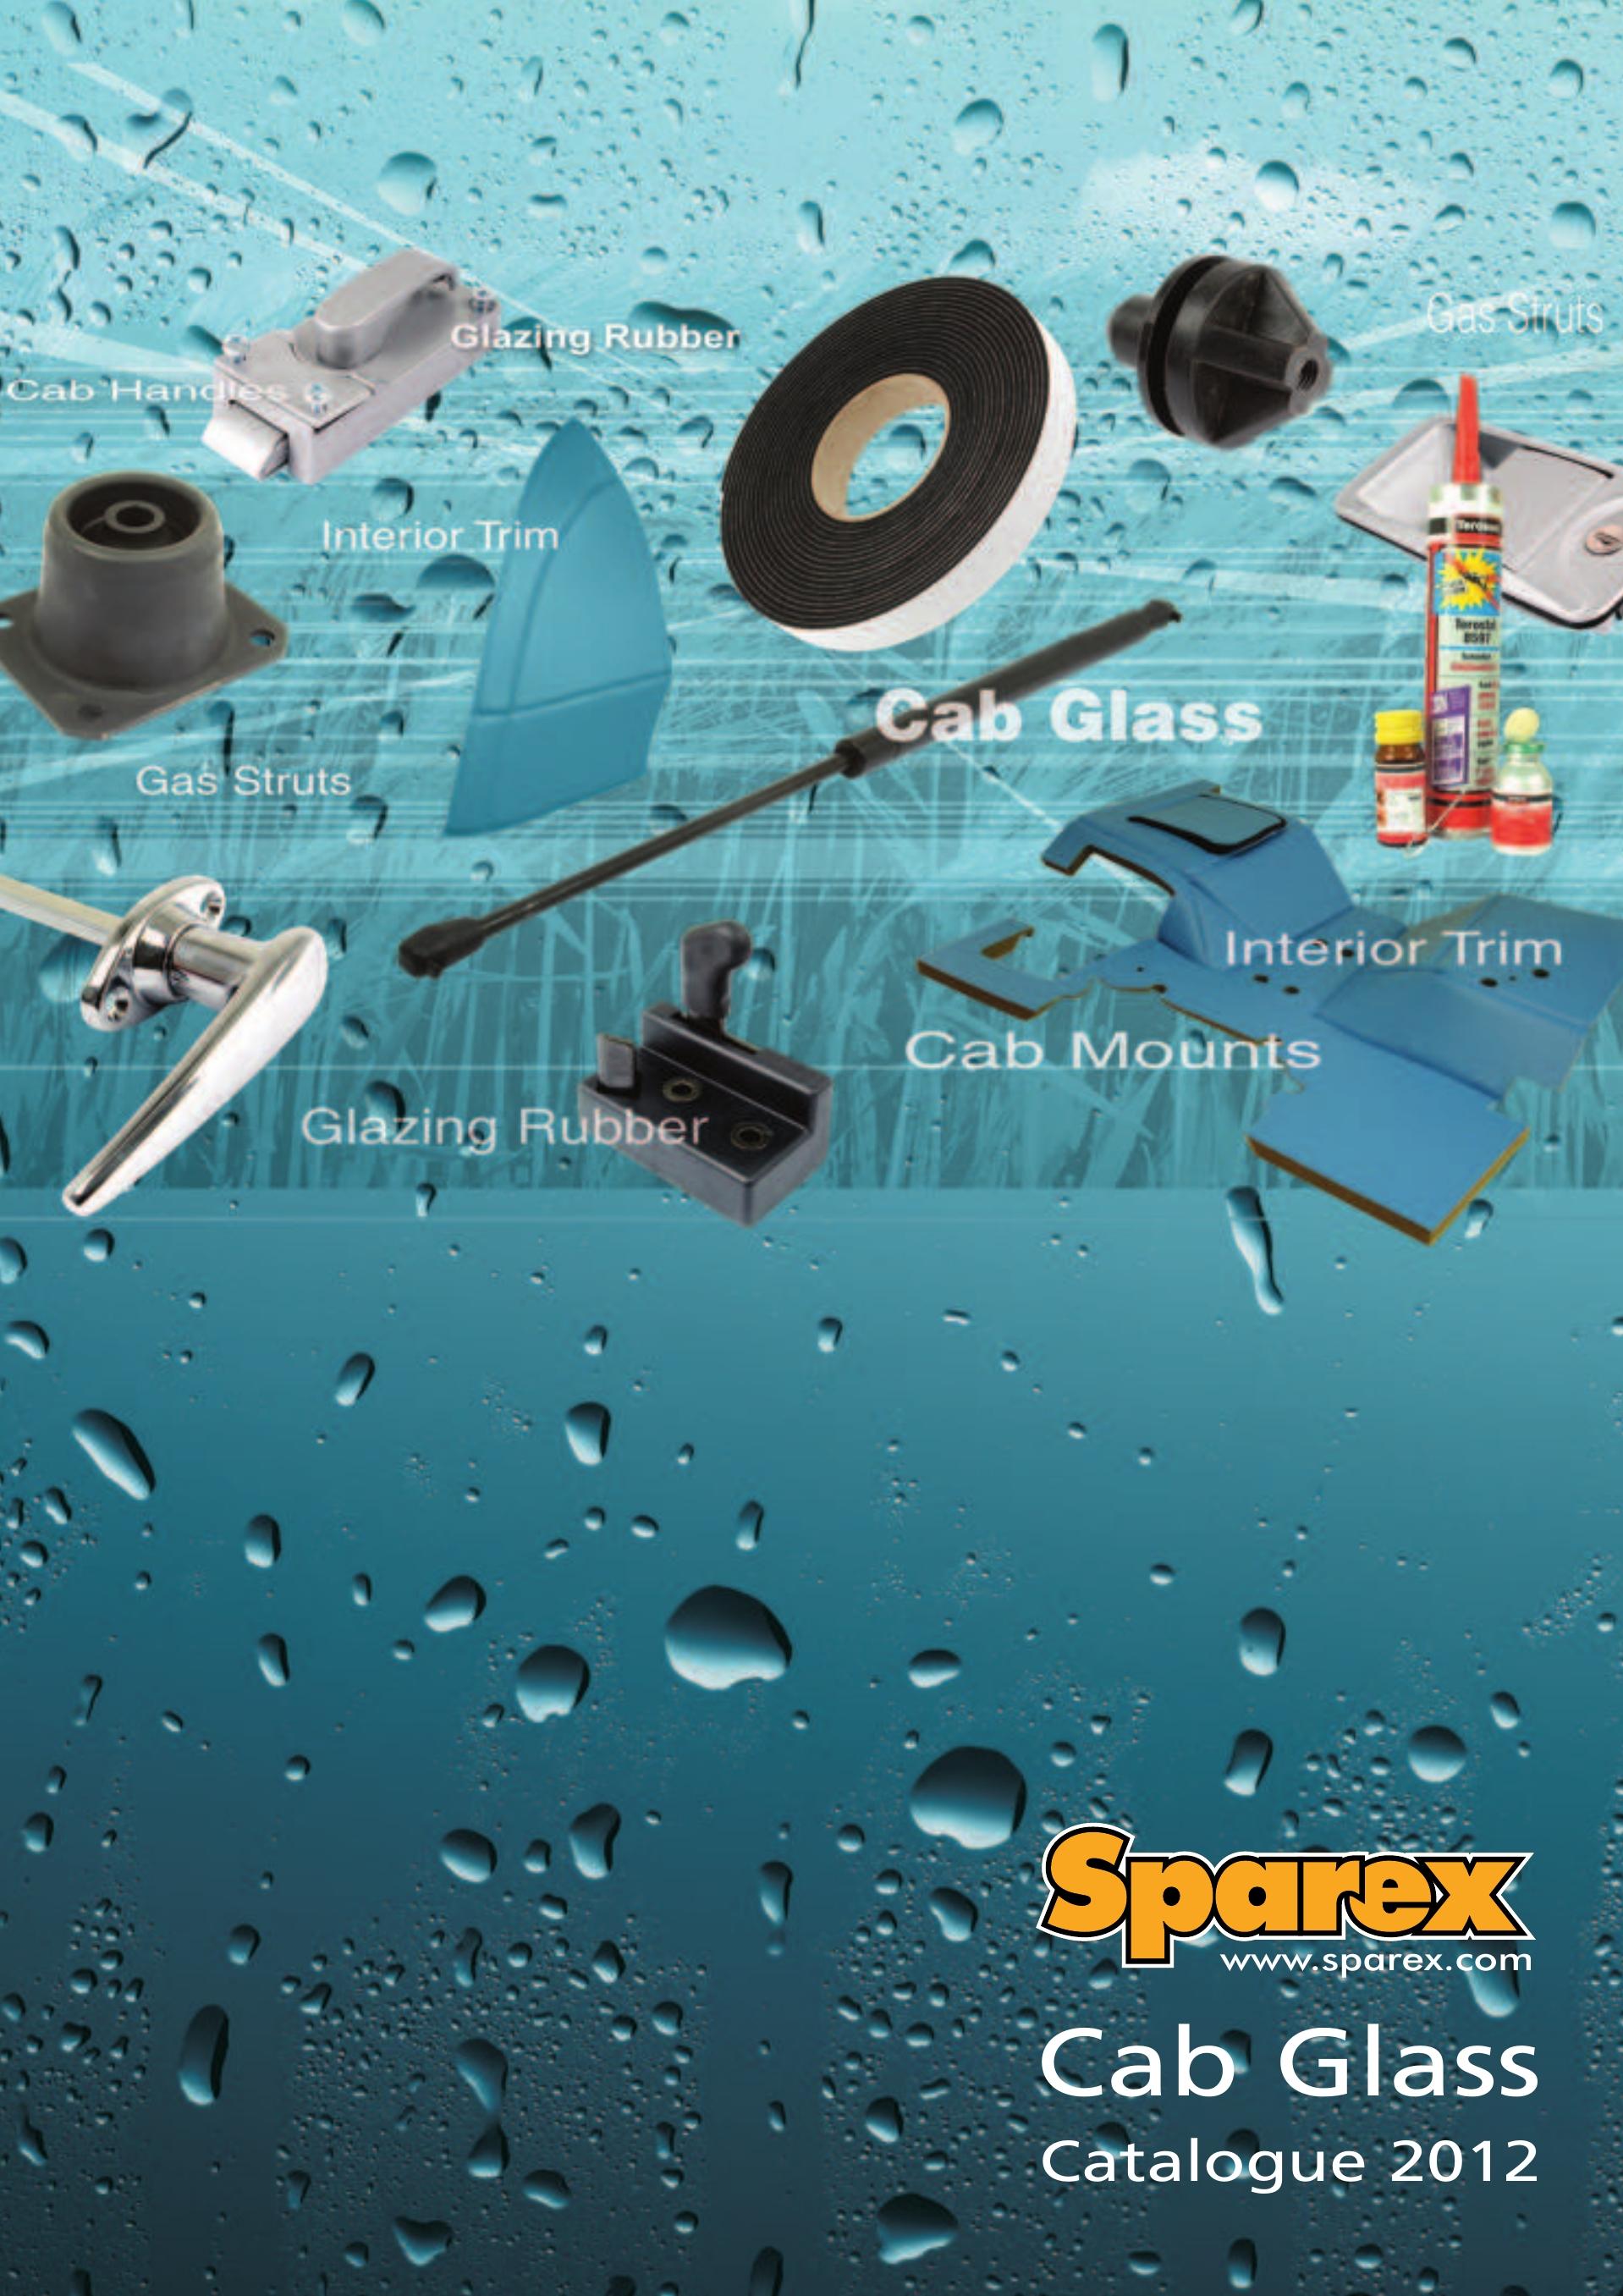 Sparex Catalogues